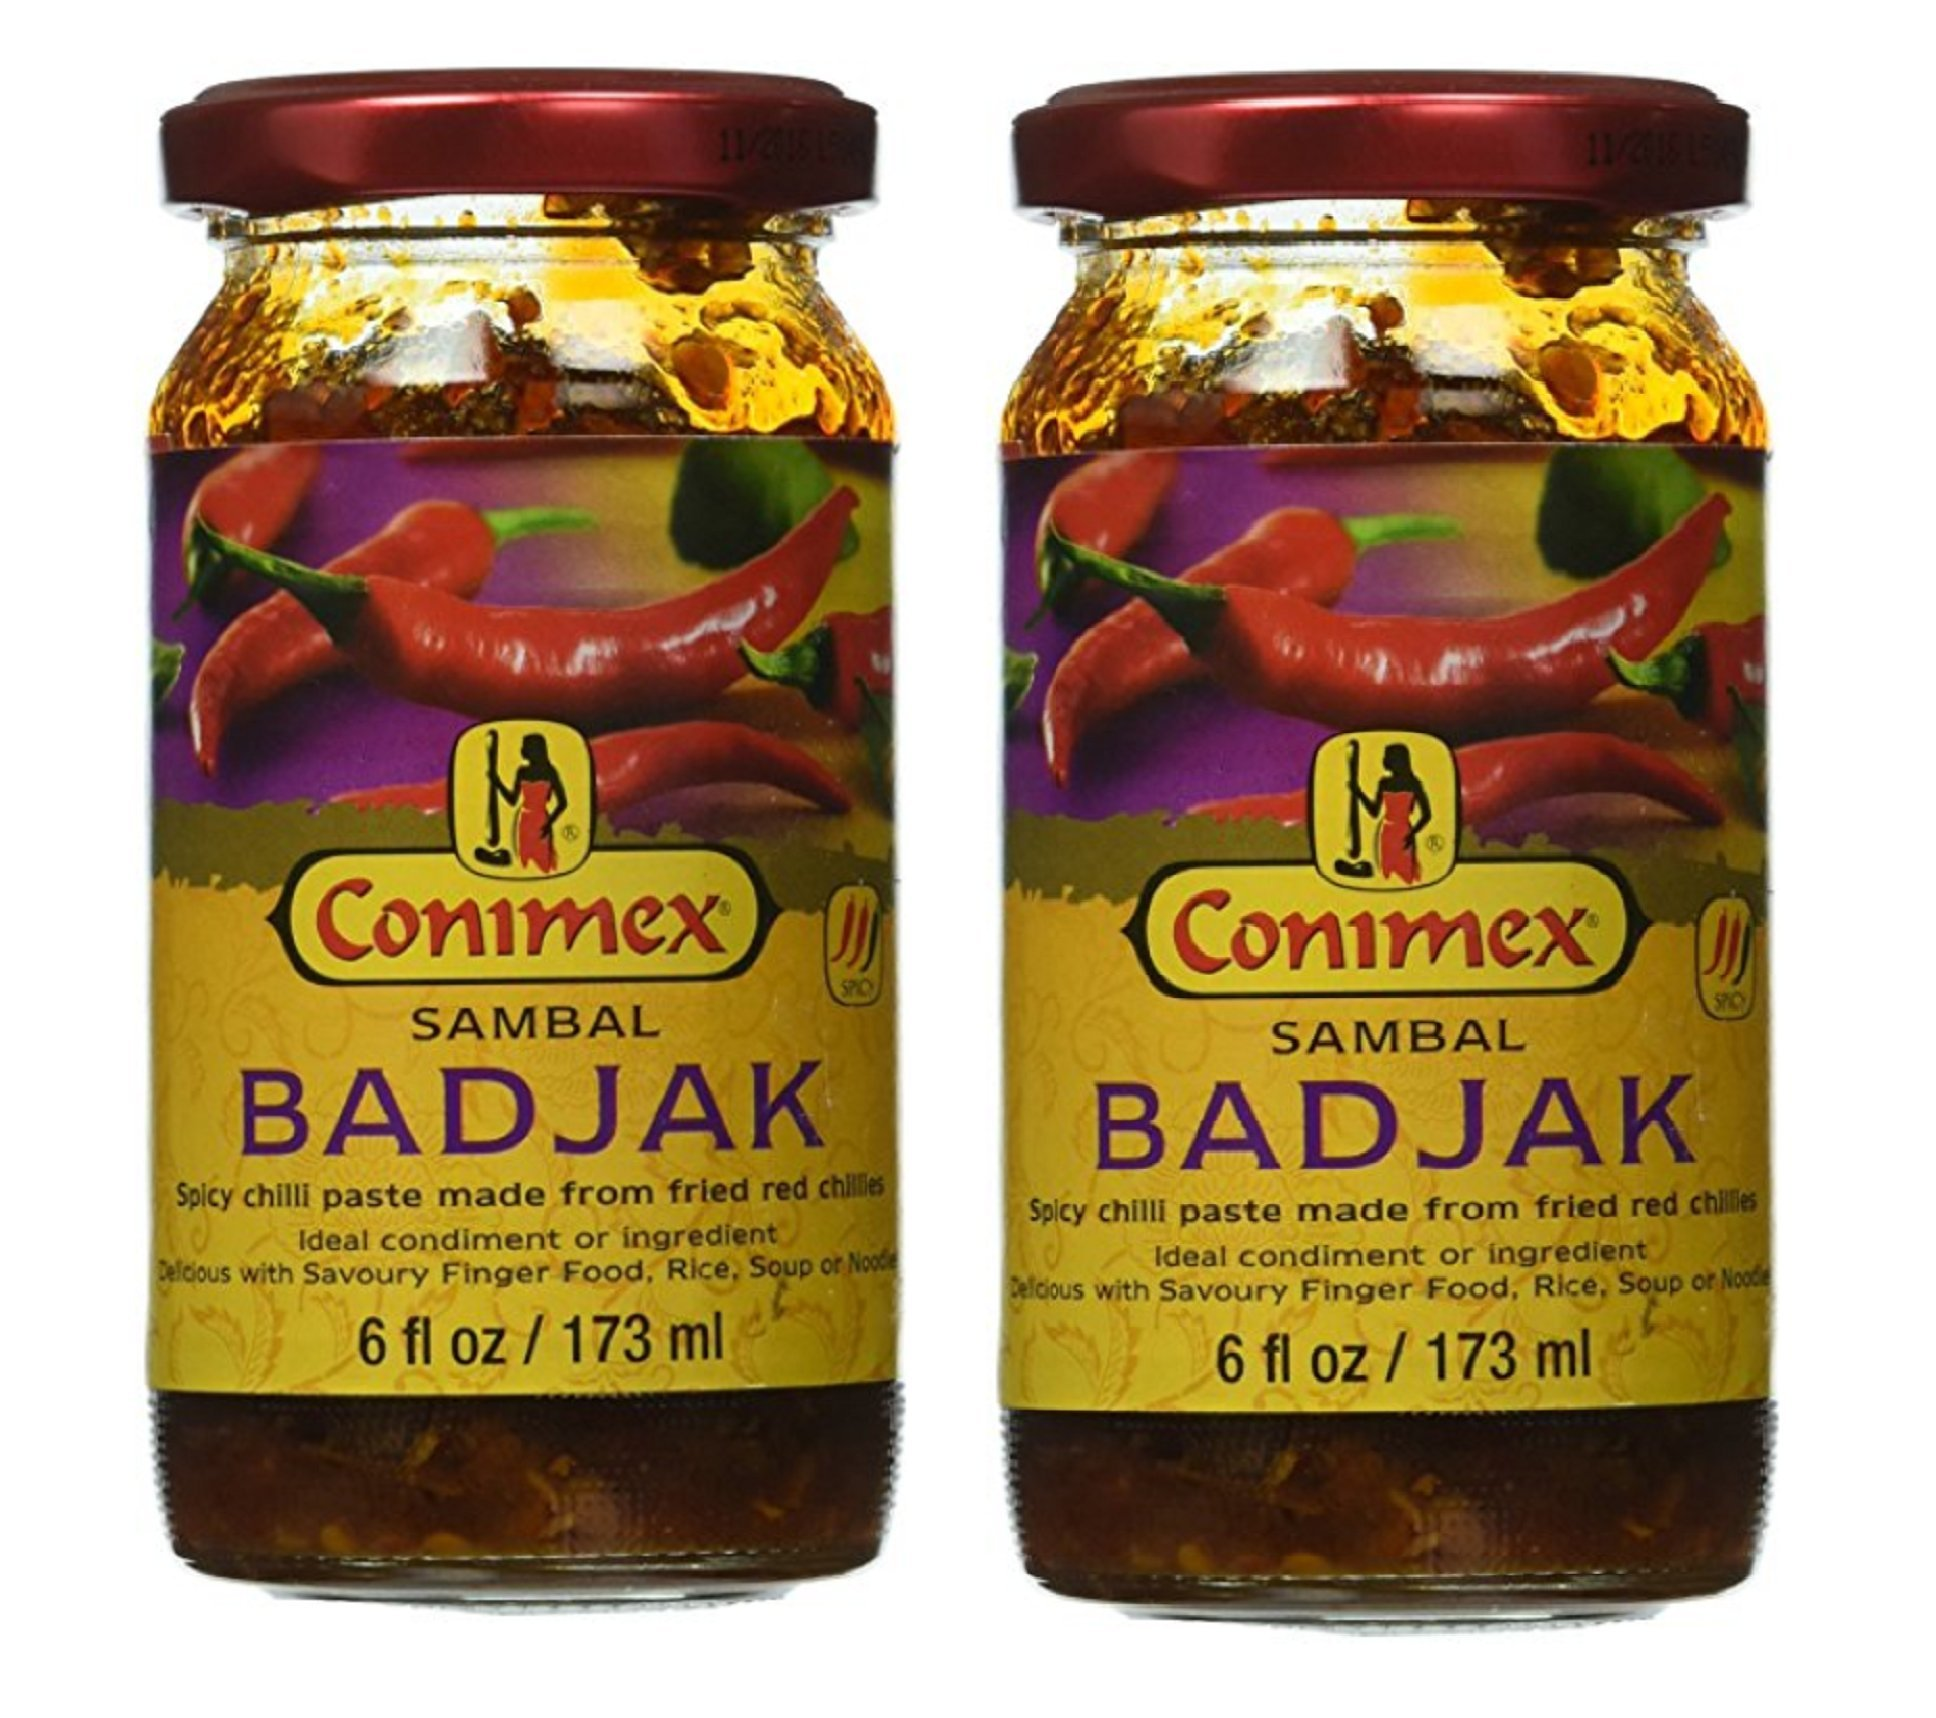 Conimex Sambal Badjak, 6 oz, 2 packs